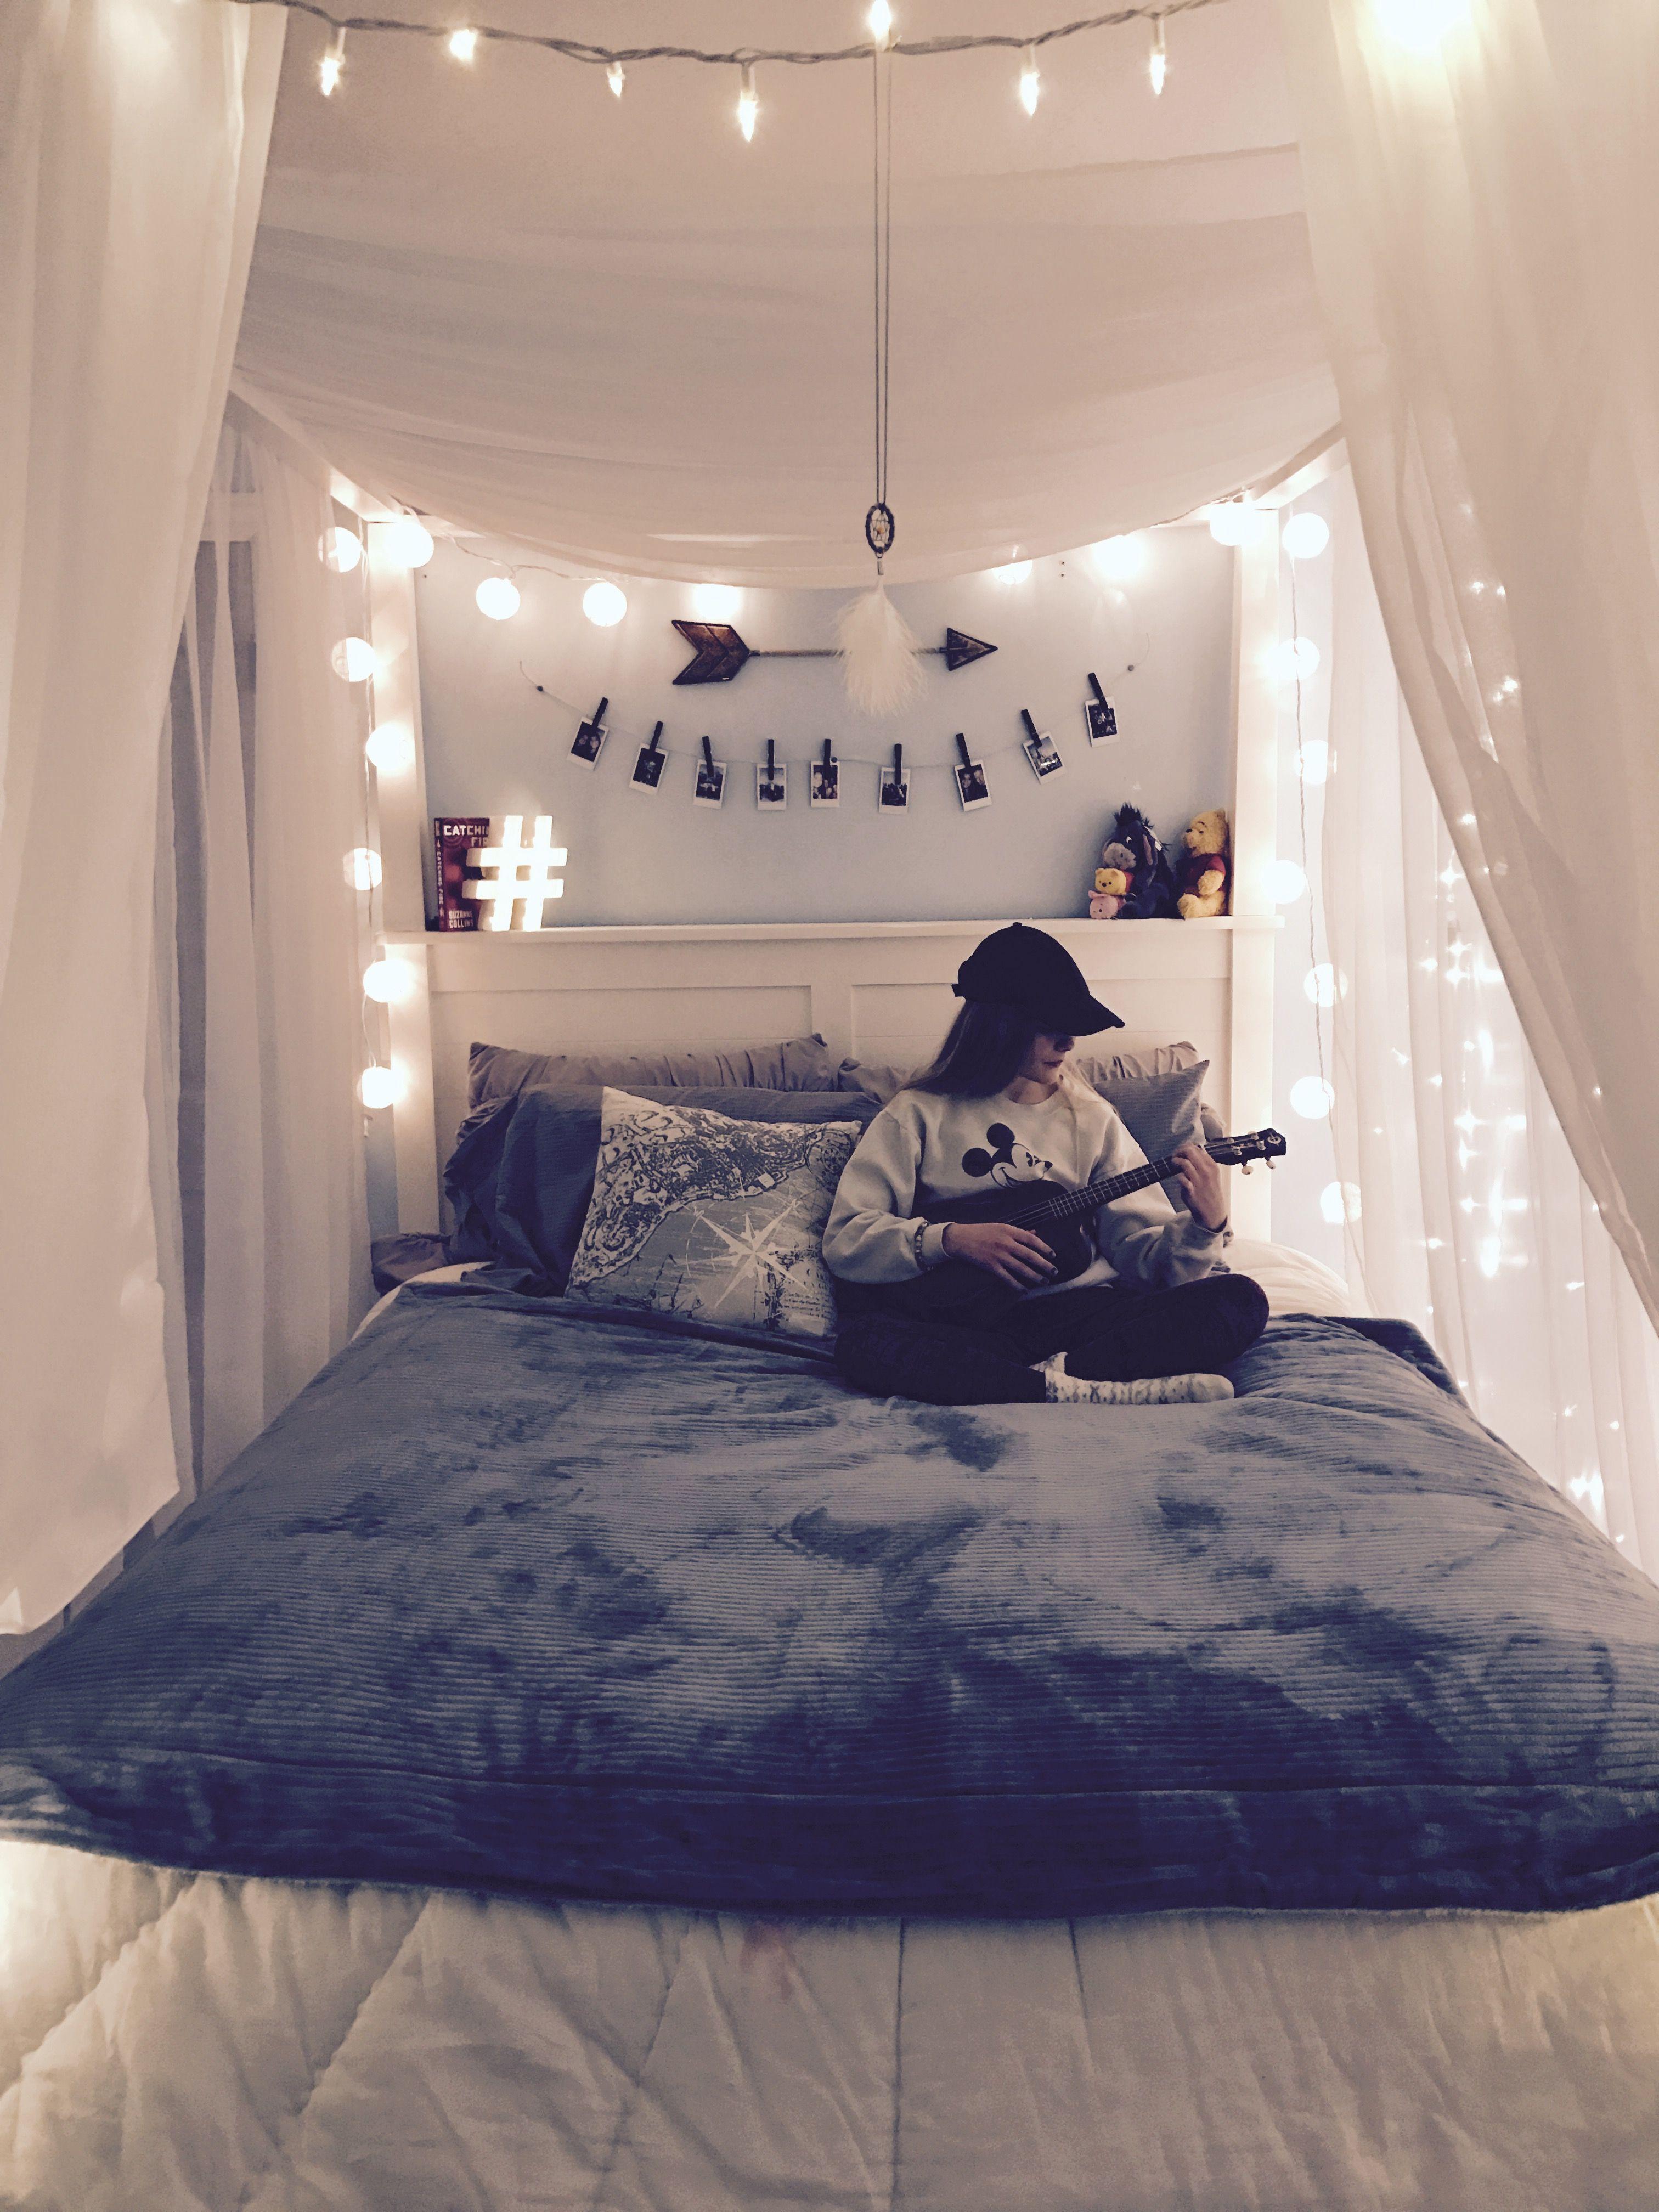 teen bedroom makeover ideas   pinterest   teen, bedrooms and diy